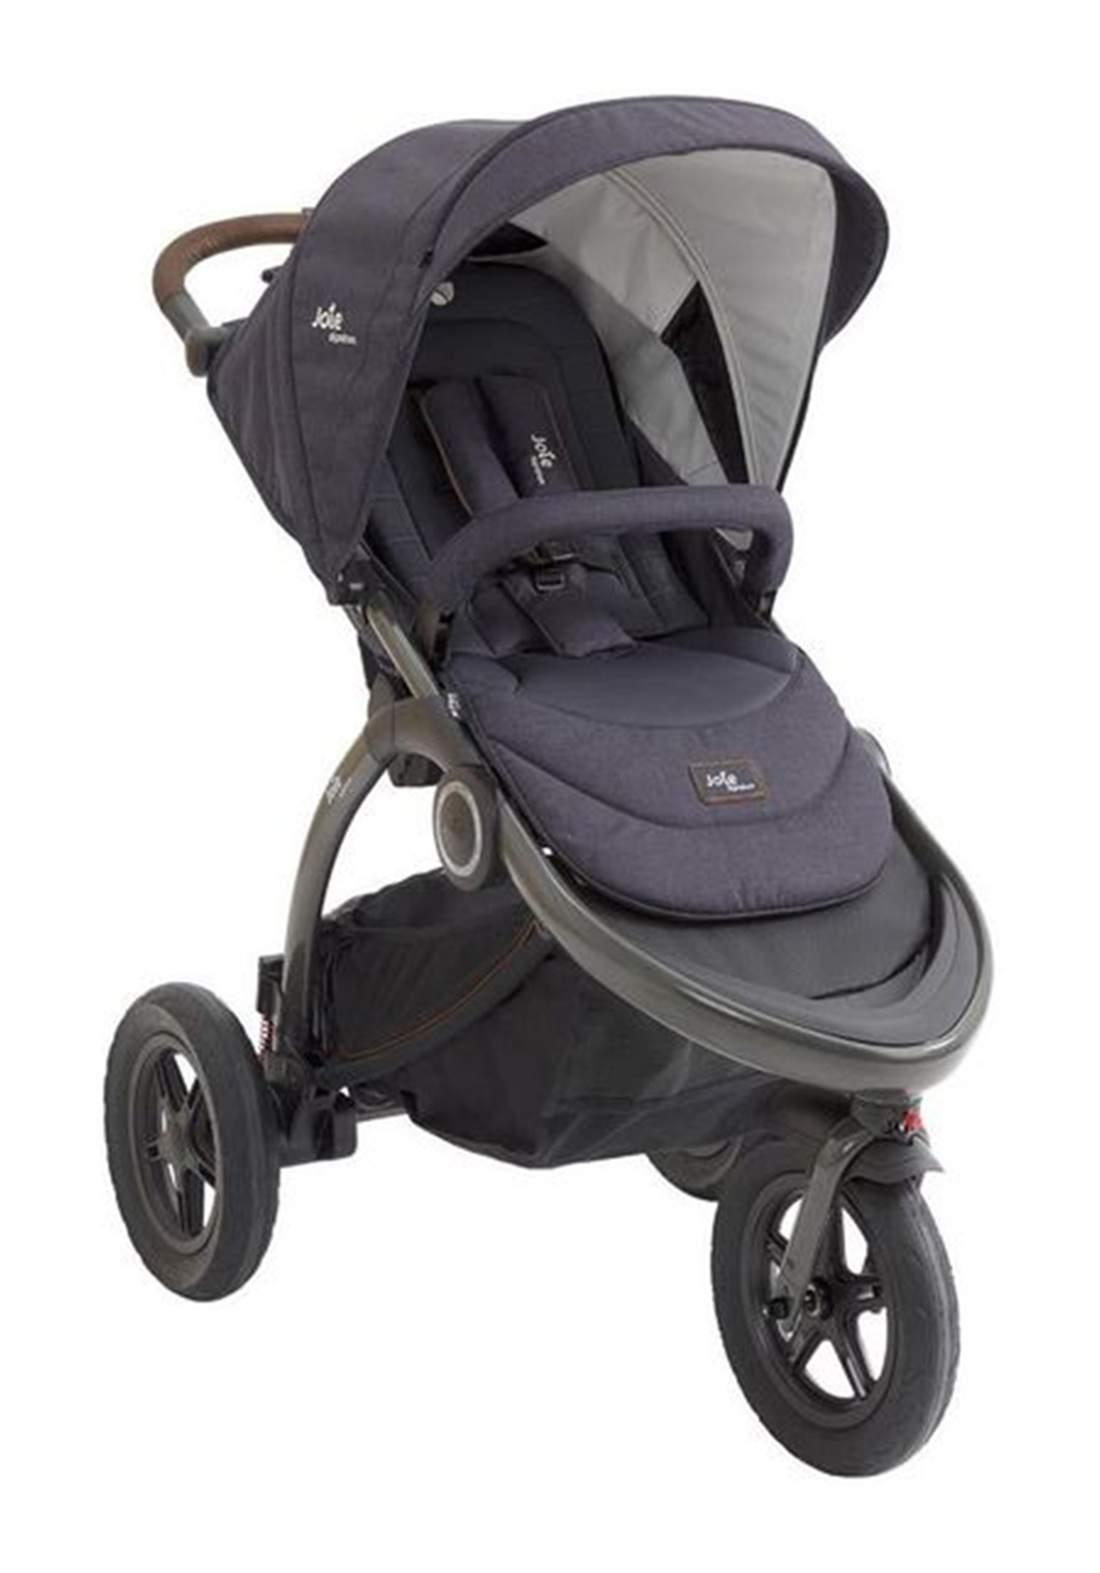 عربة اطفال 22 كغمJoie Baby S1219BAGRB000 Crosster Flex Stroller